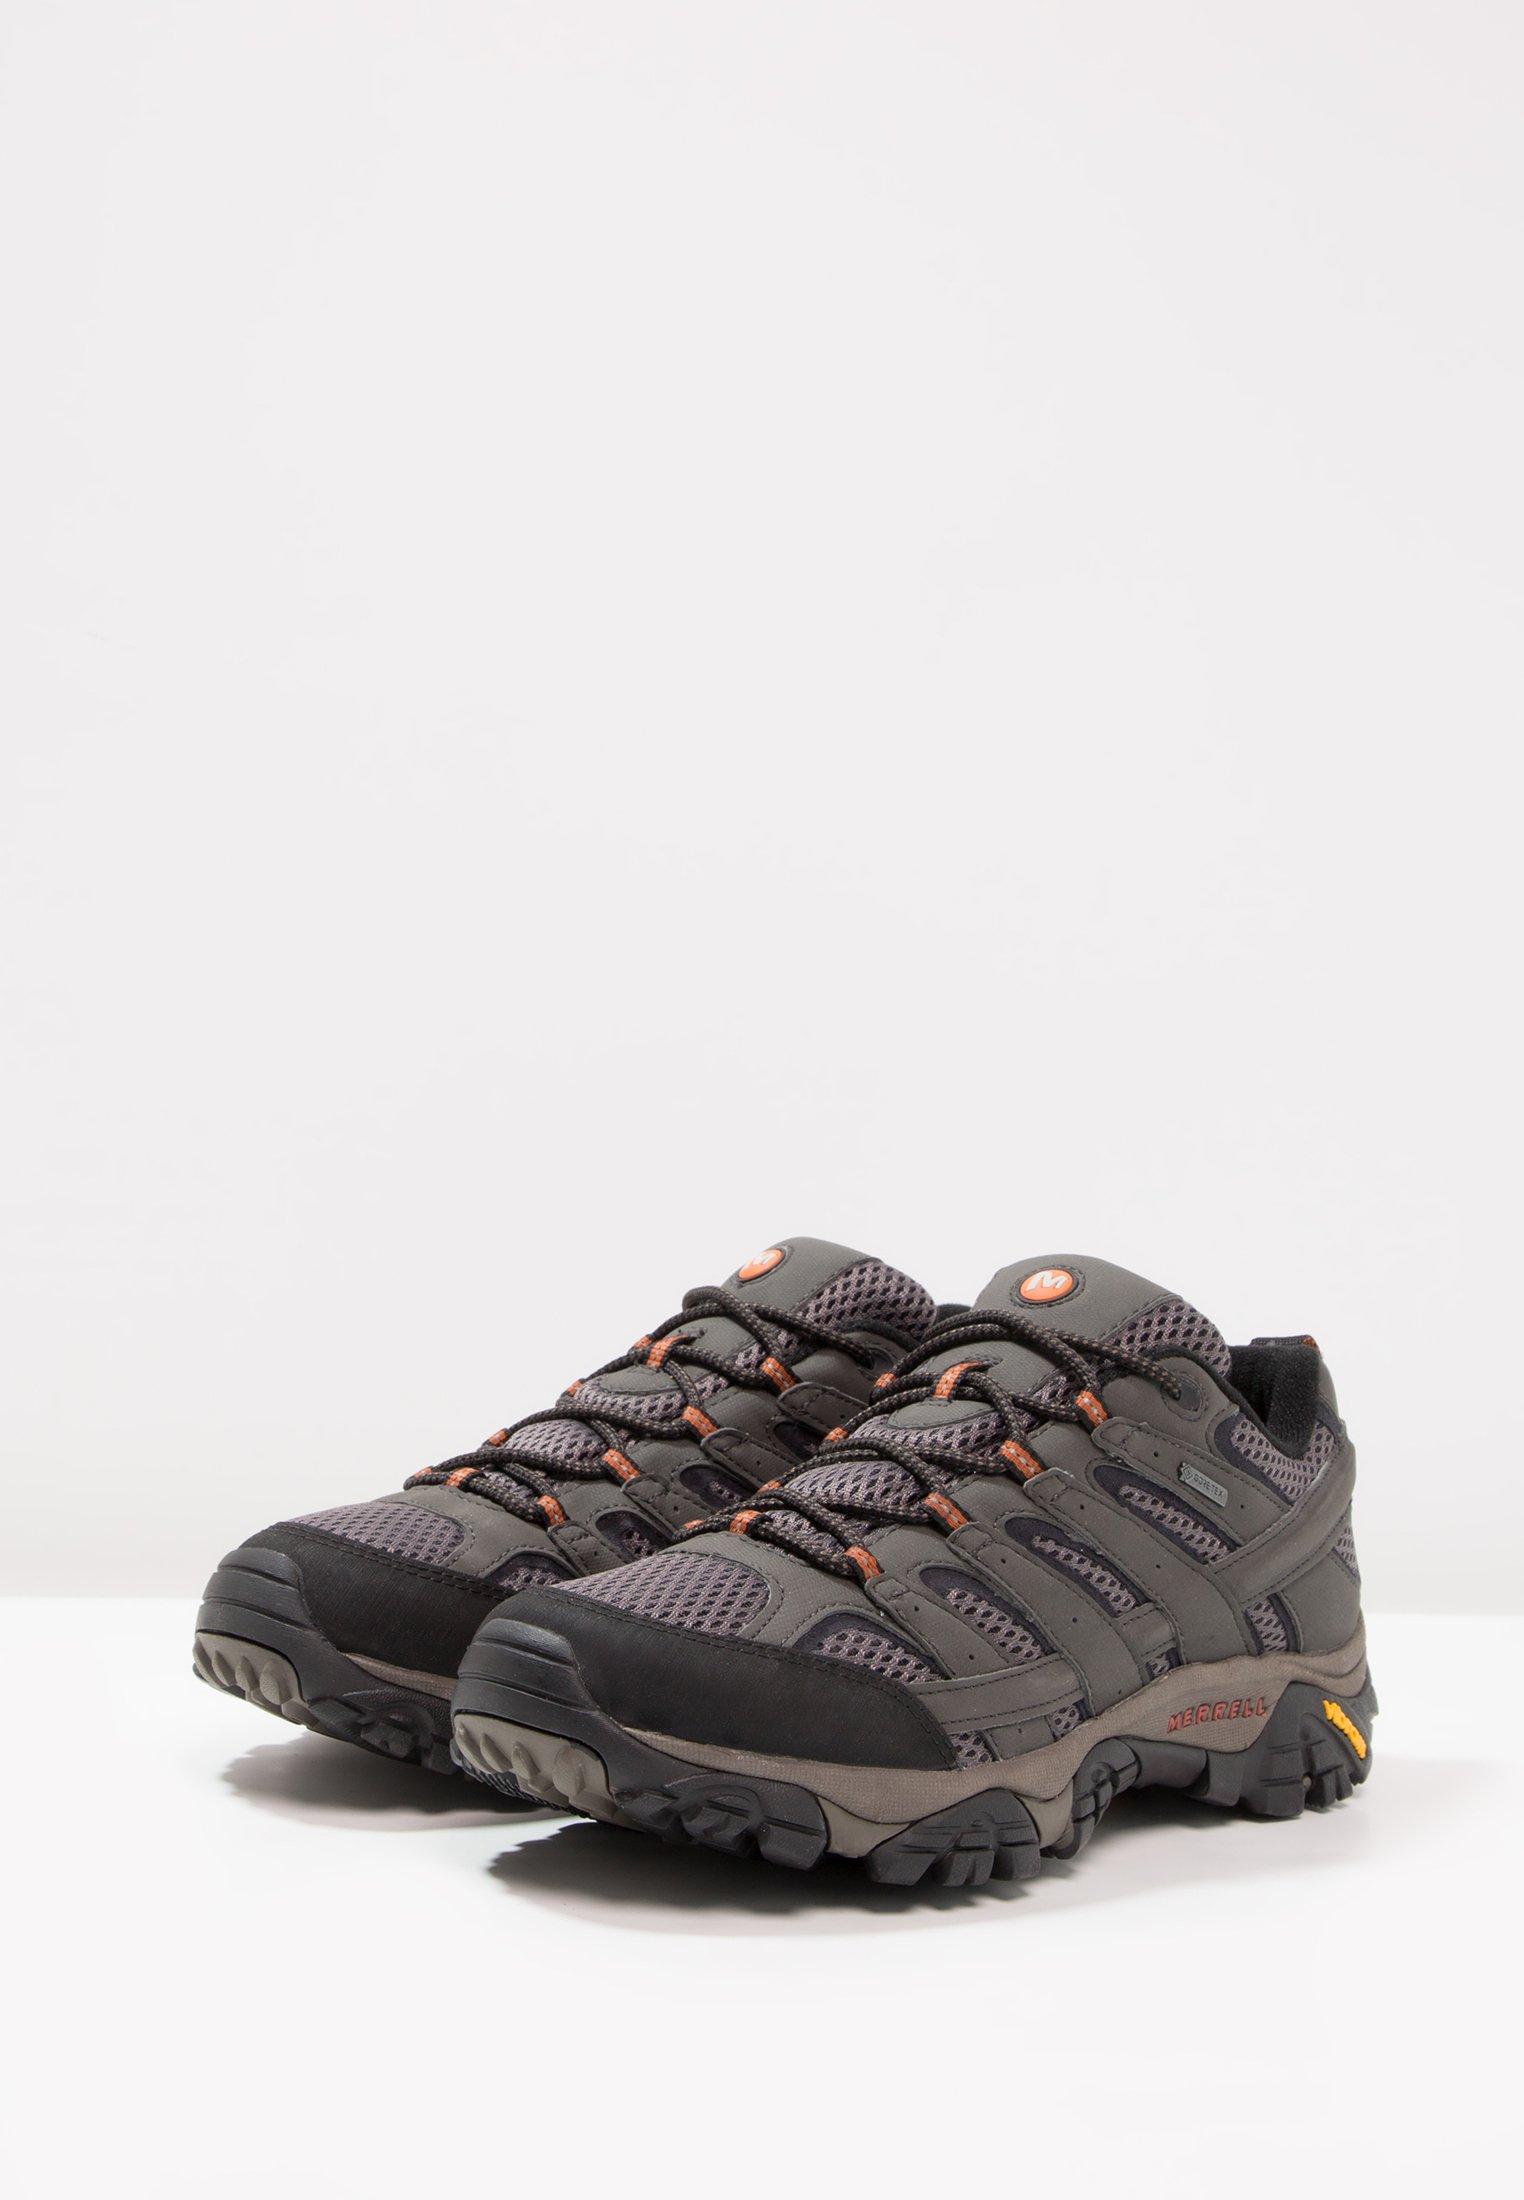 MOAB 2 GTX Chaussures de marche grau